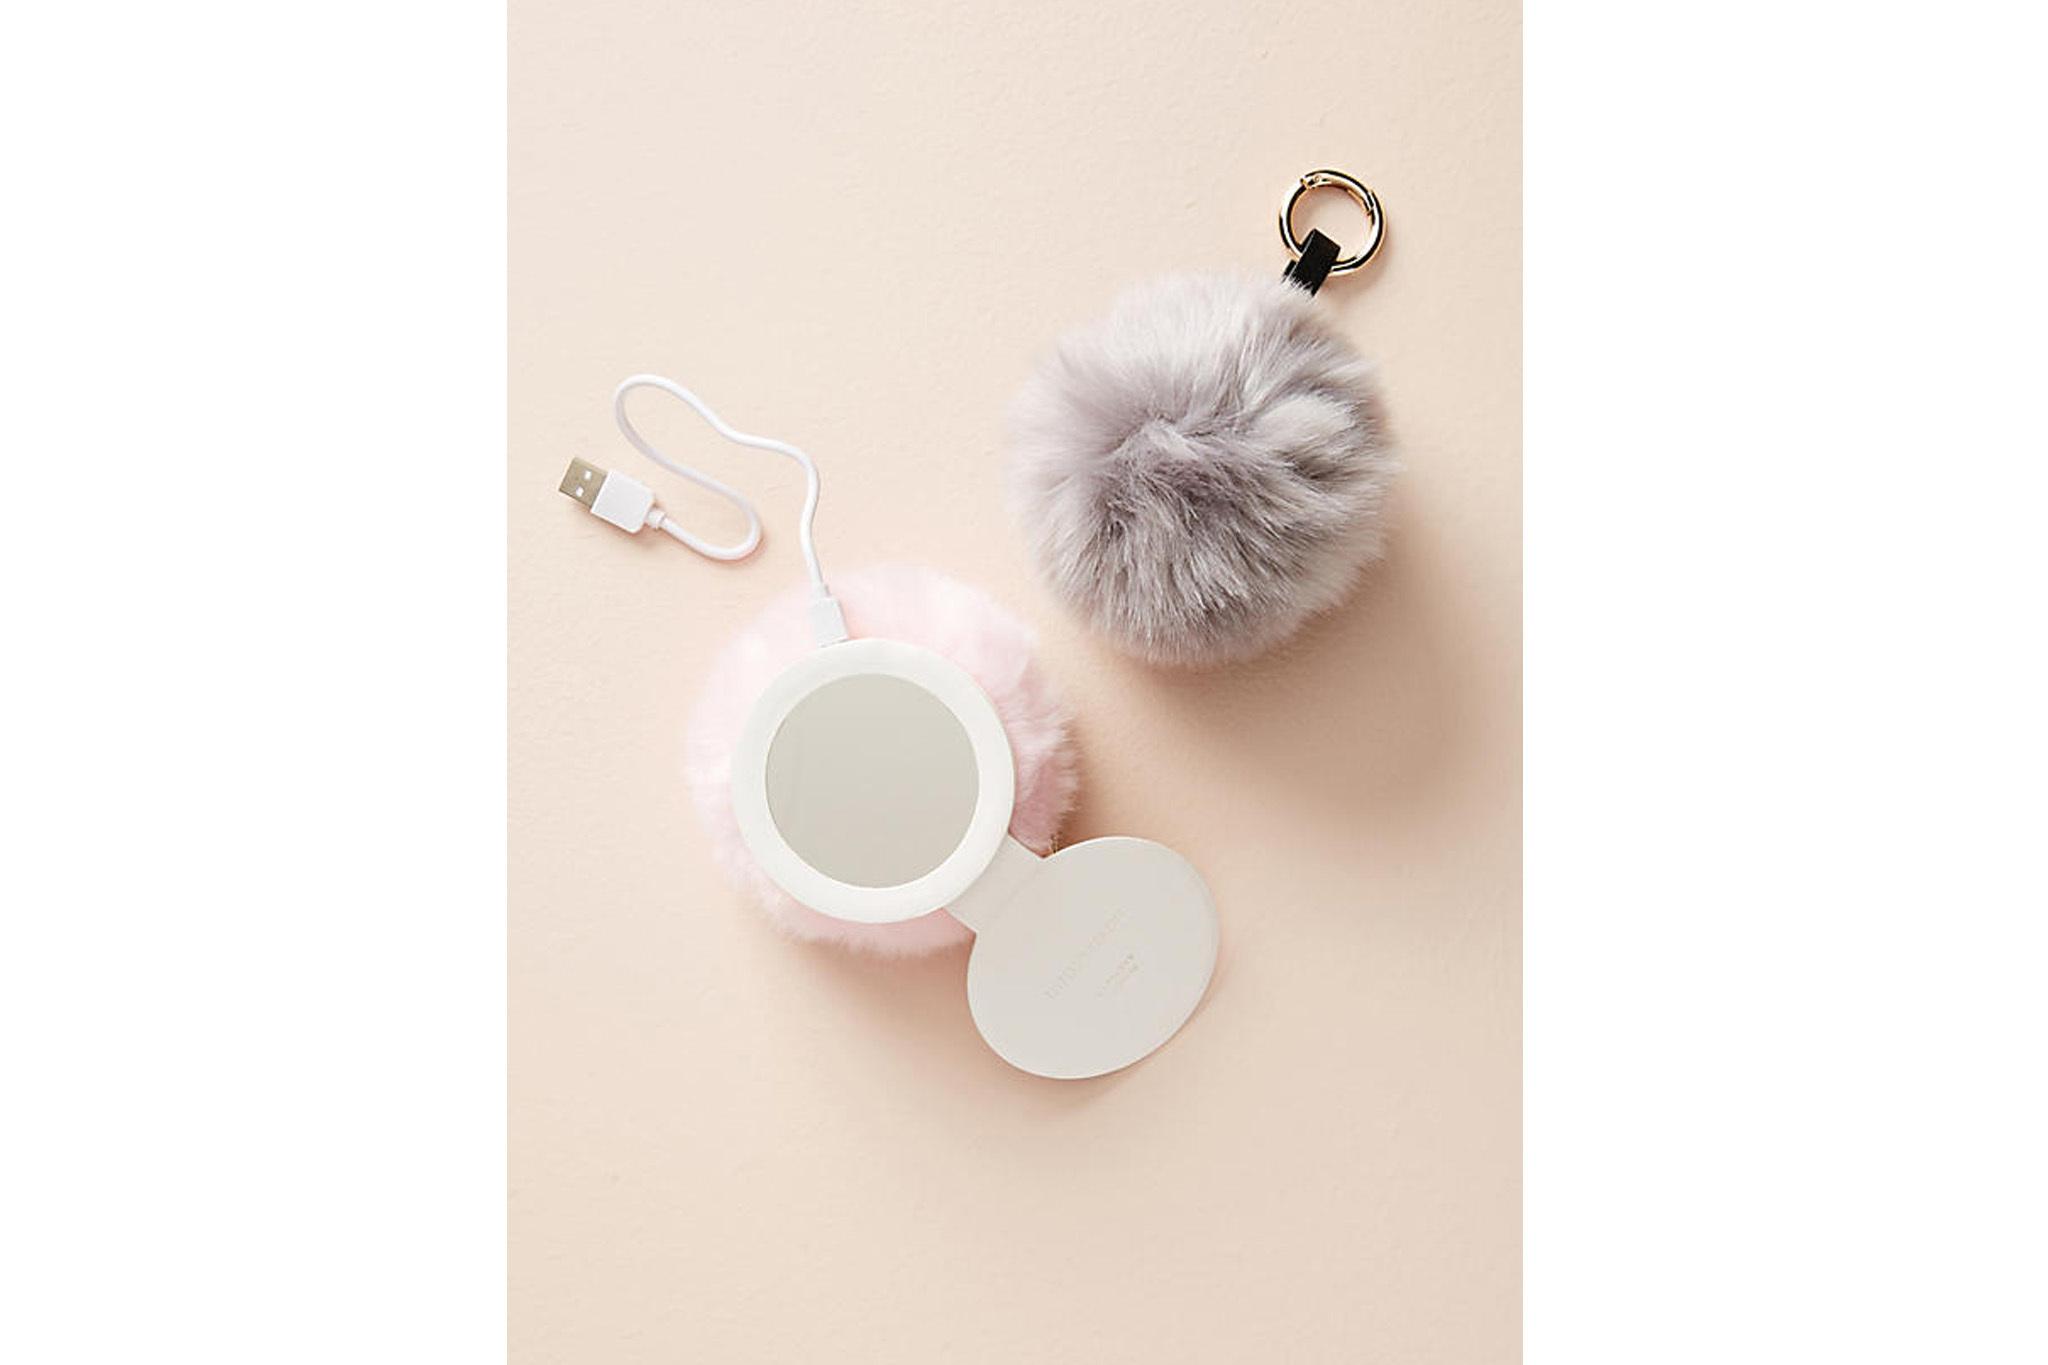 Boostcase Pompom Smartphone Charger